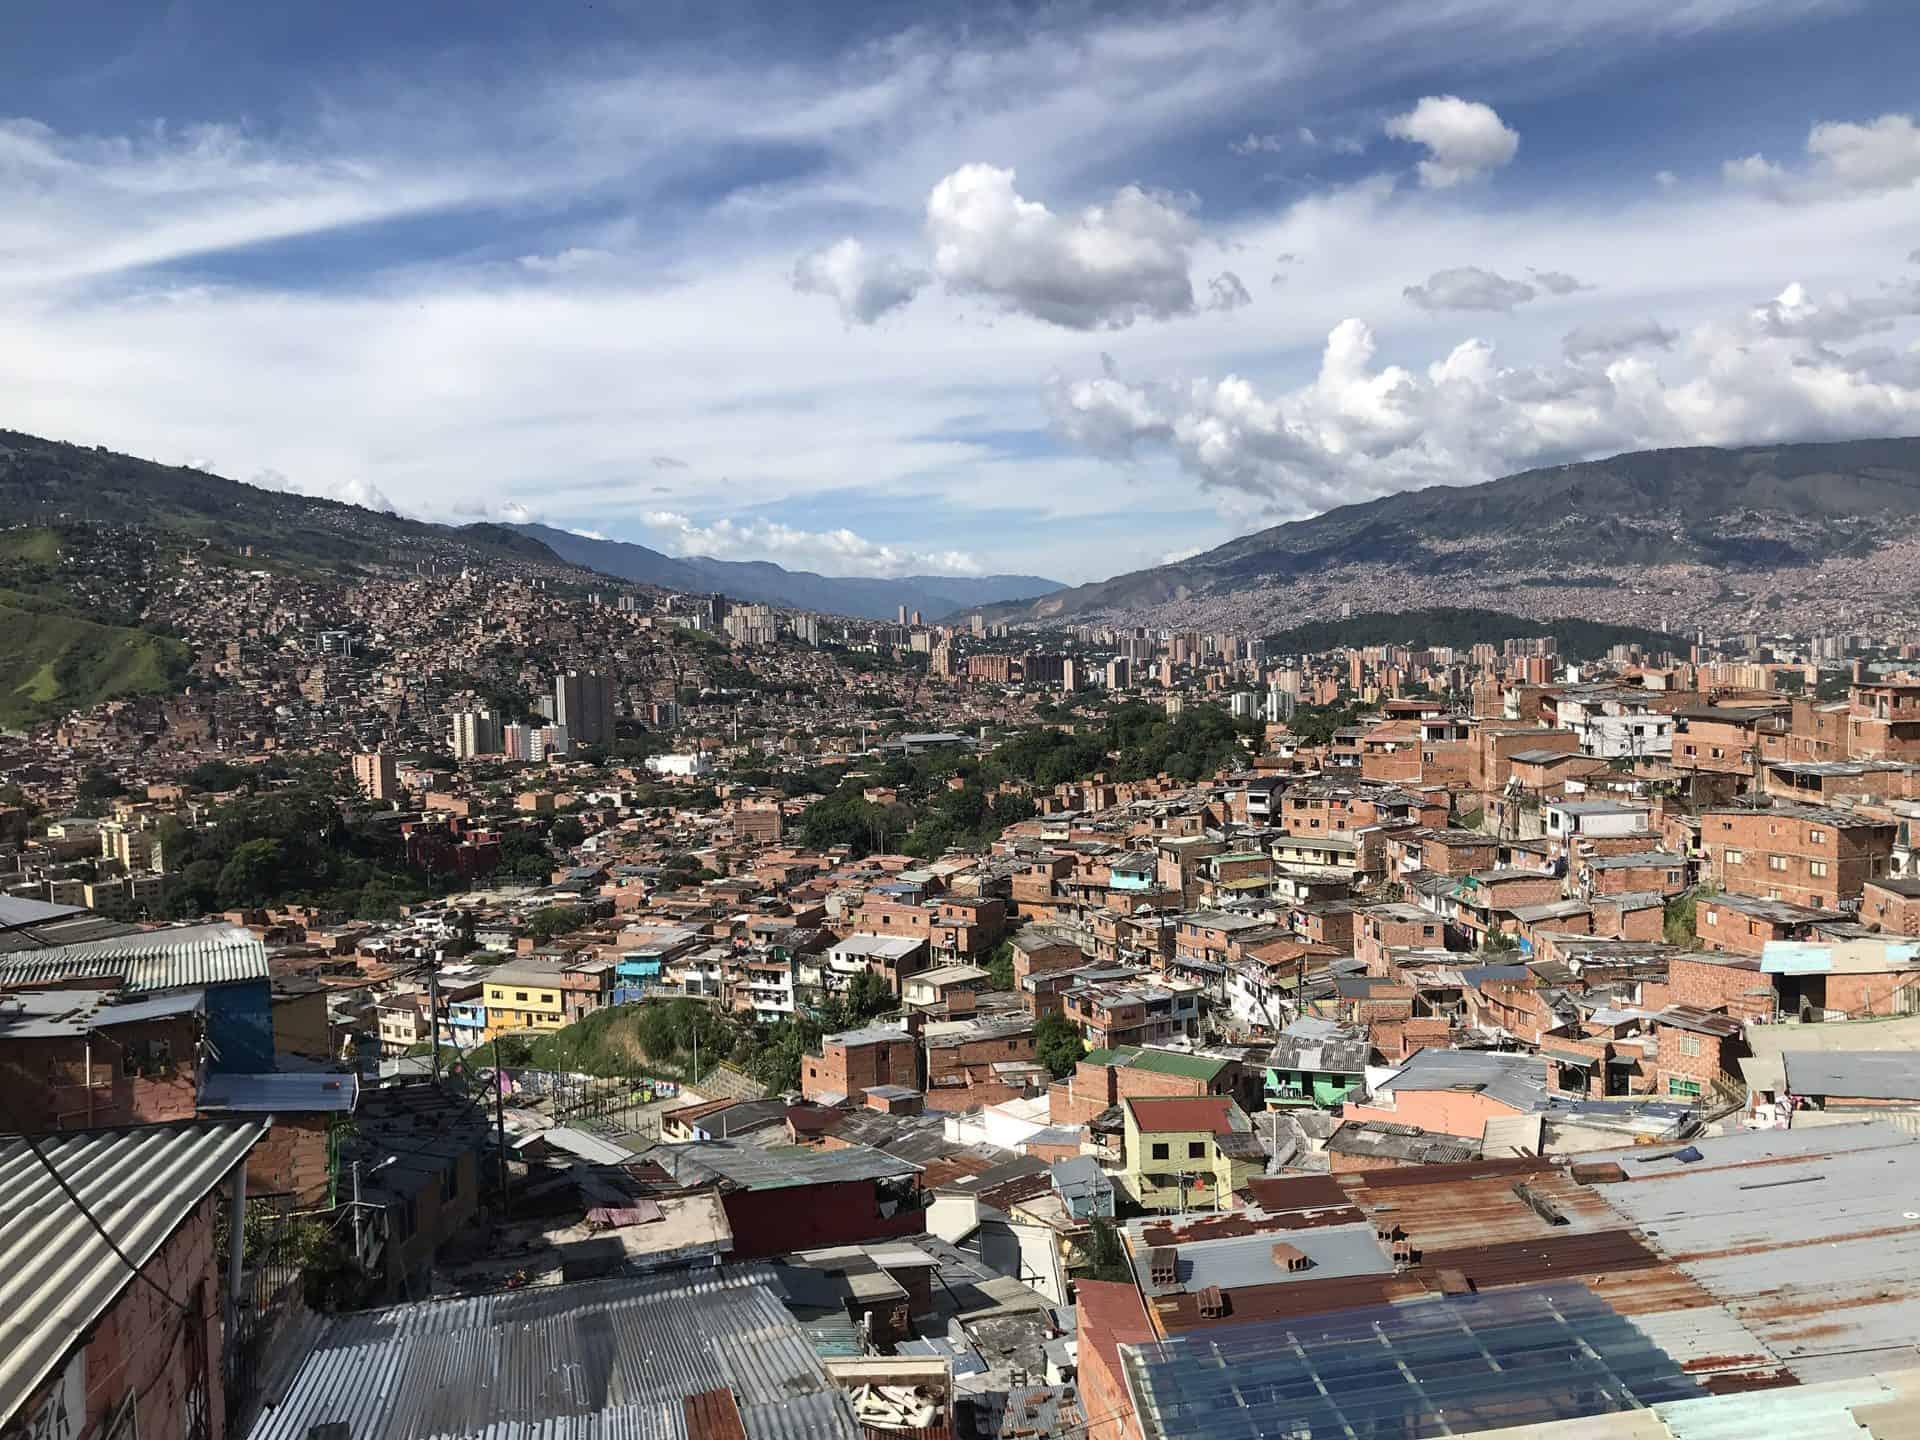 Medellin dall'alto